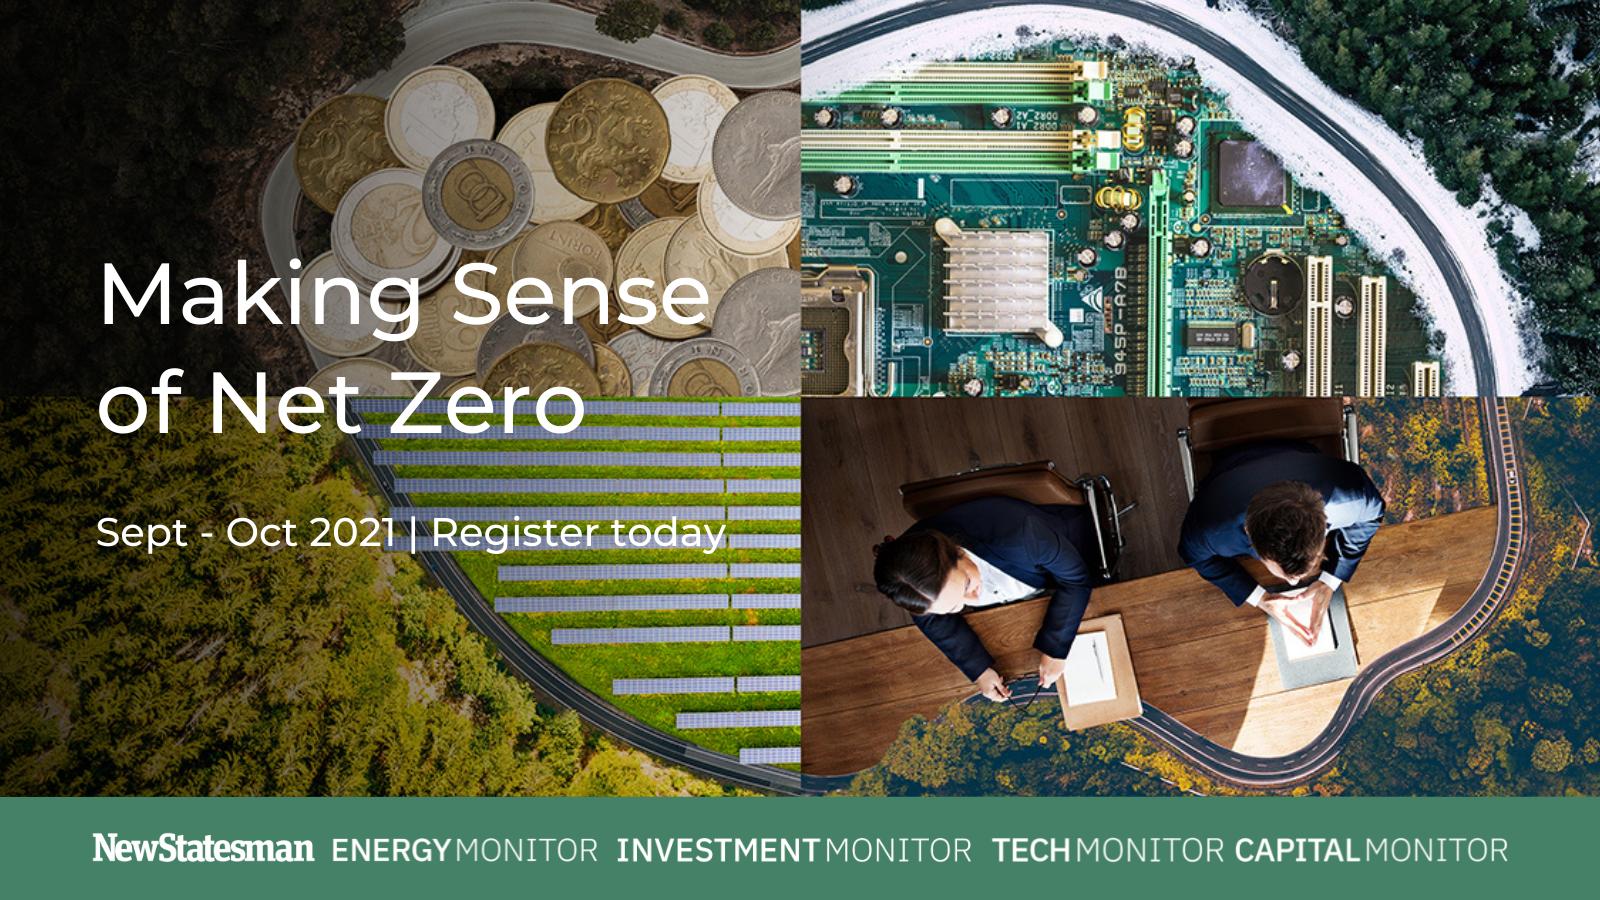 Making Sense of Net Zero - Preview Image